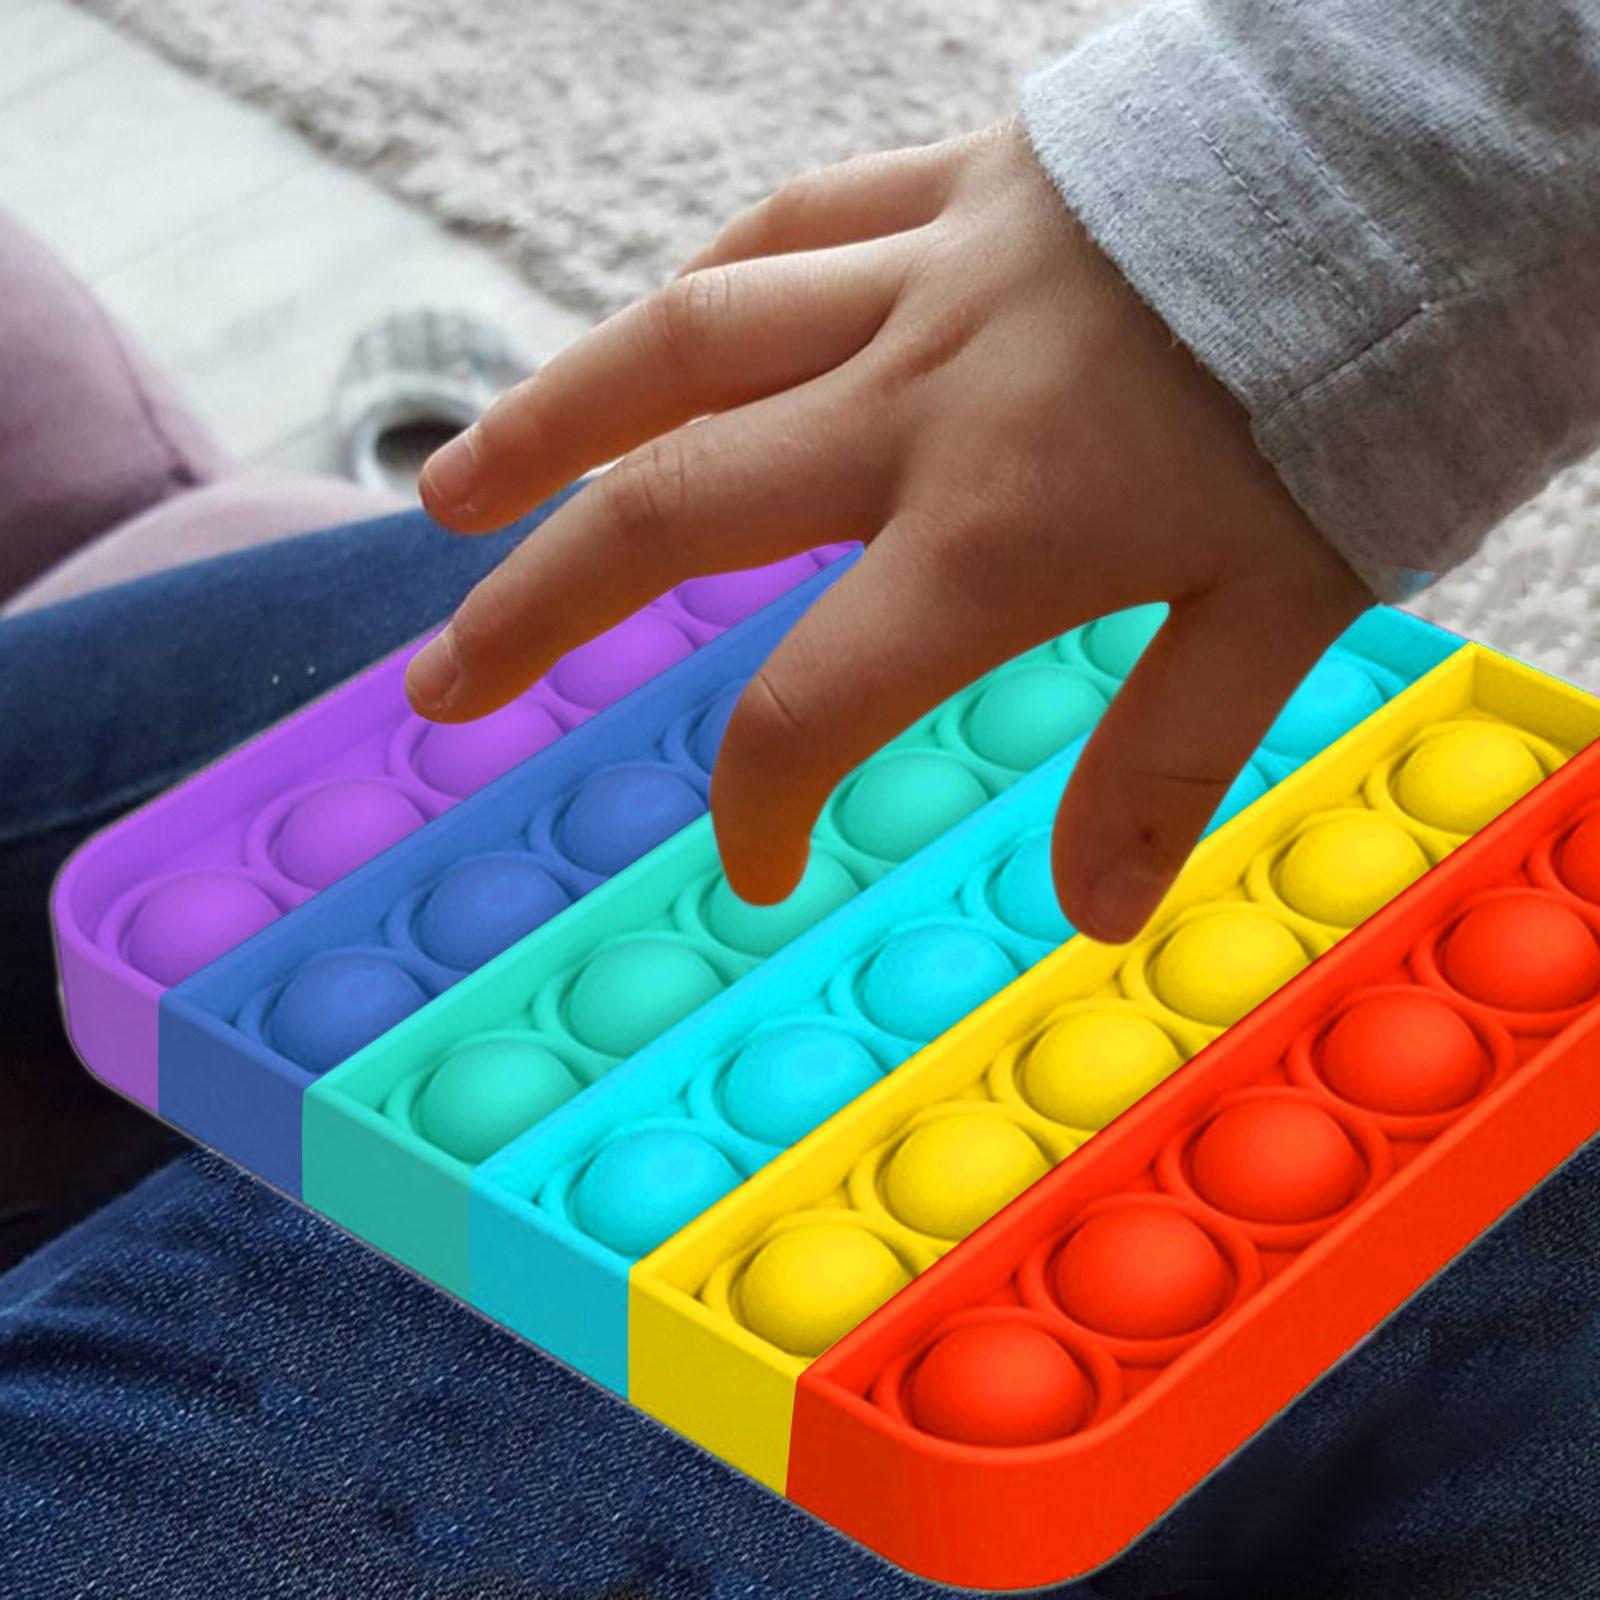 Bulle Pop Fitget jouets pousser bulle Fidget jouet sensoriel autisme besoins spéciaux anti-Stress Popit Fidget jouets Simple fossette